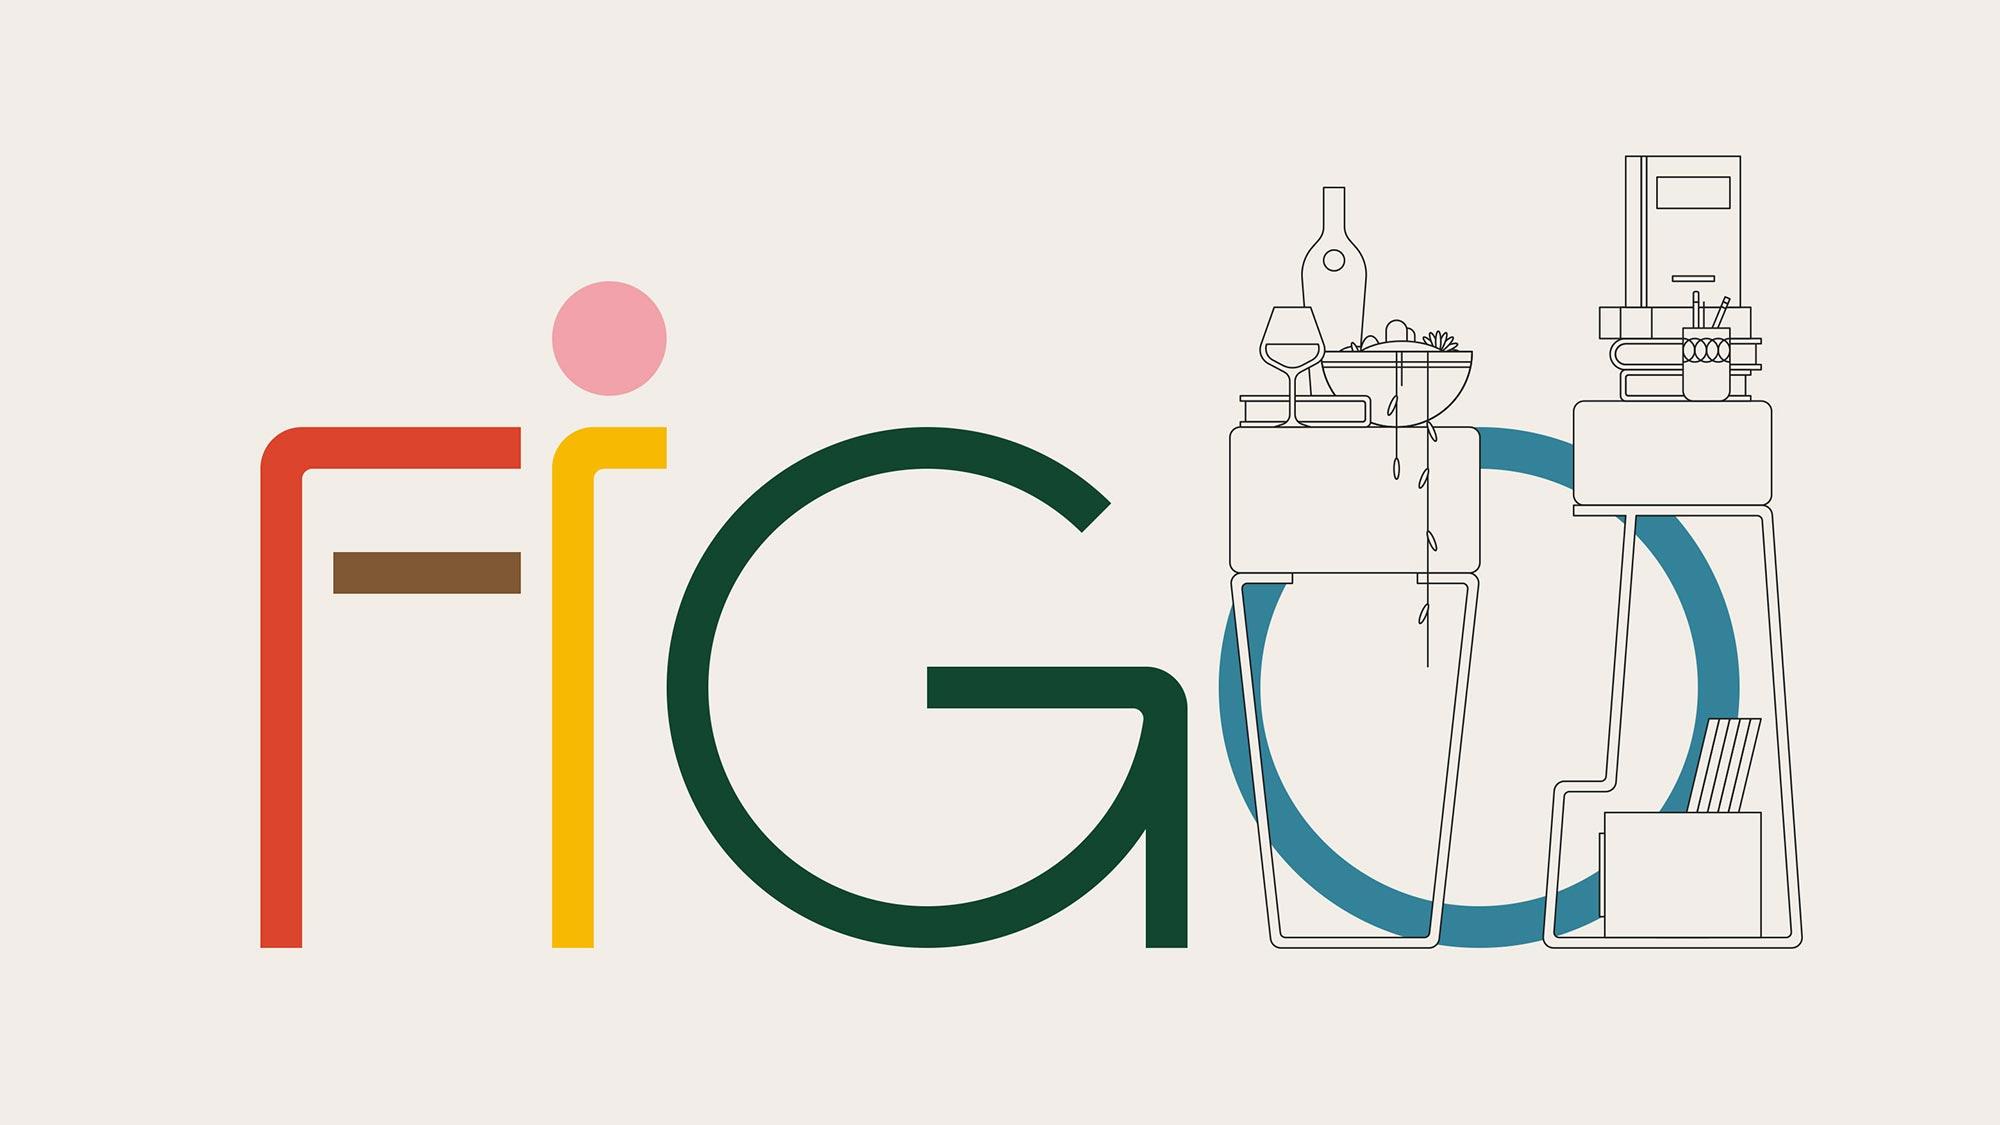 FIGO_01